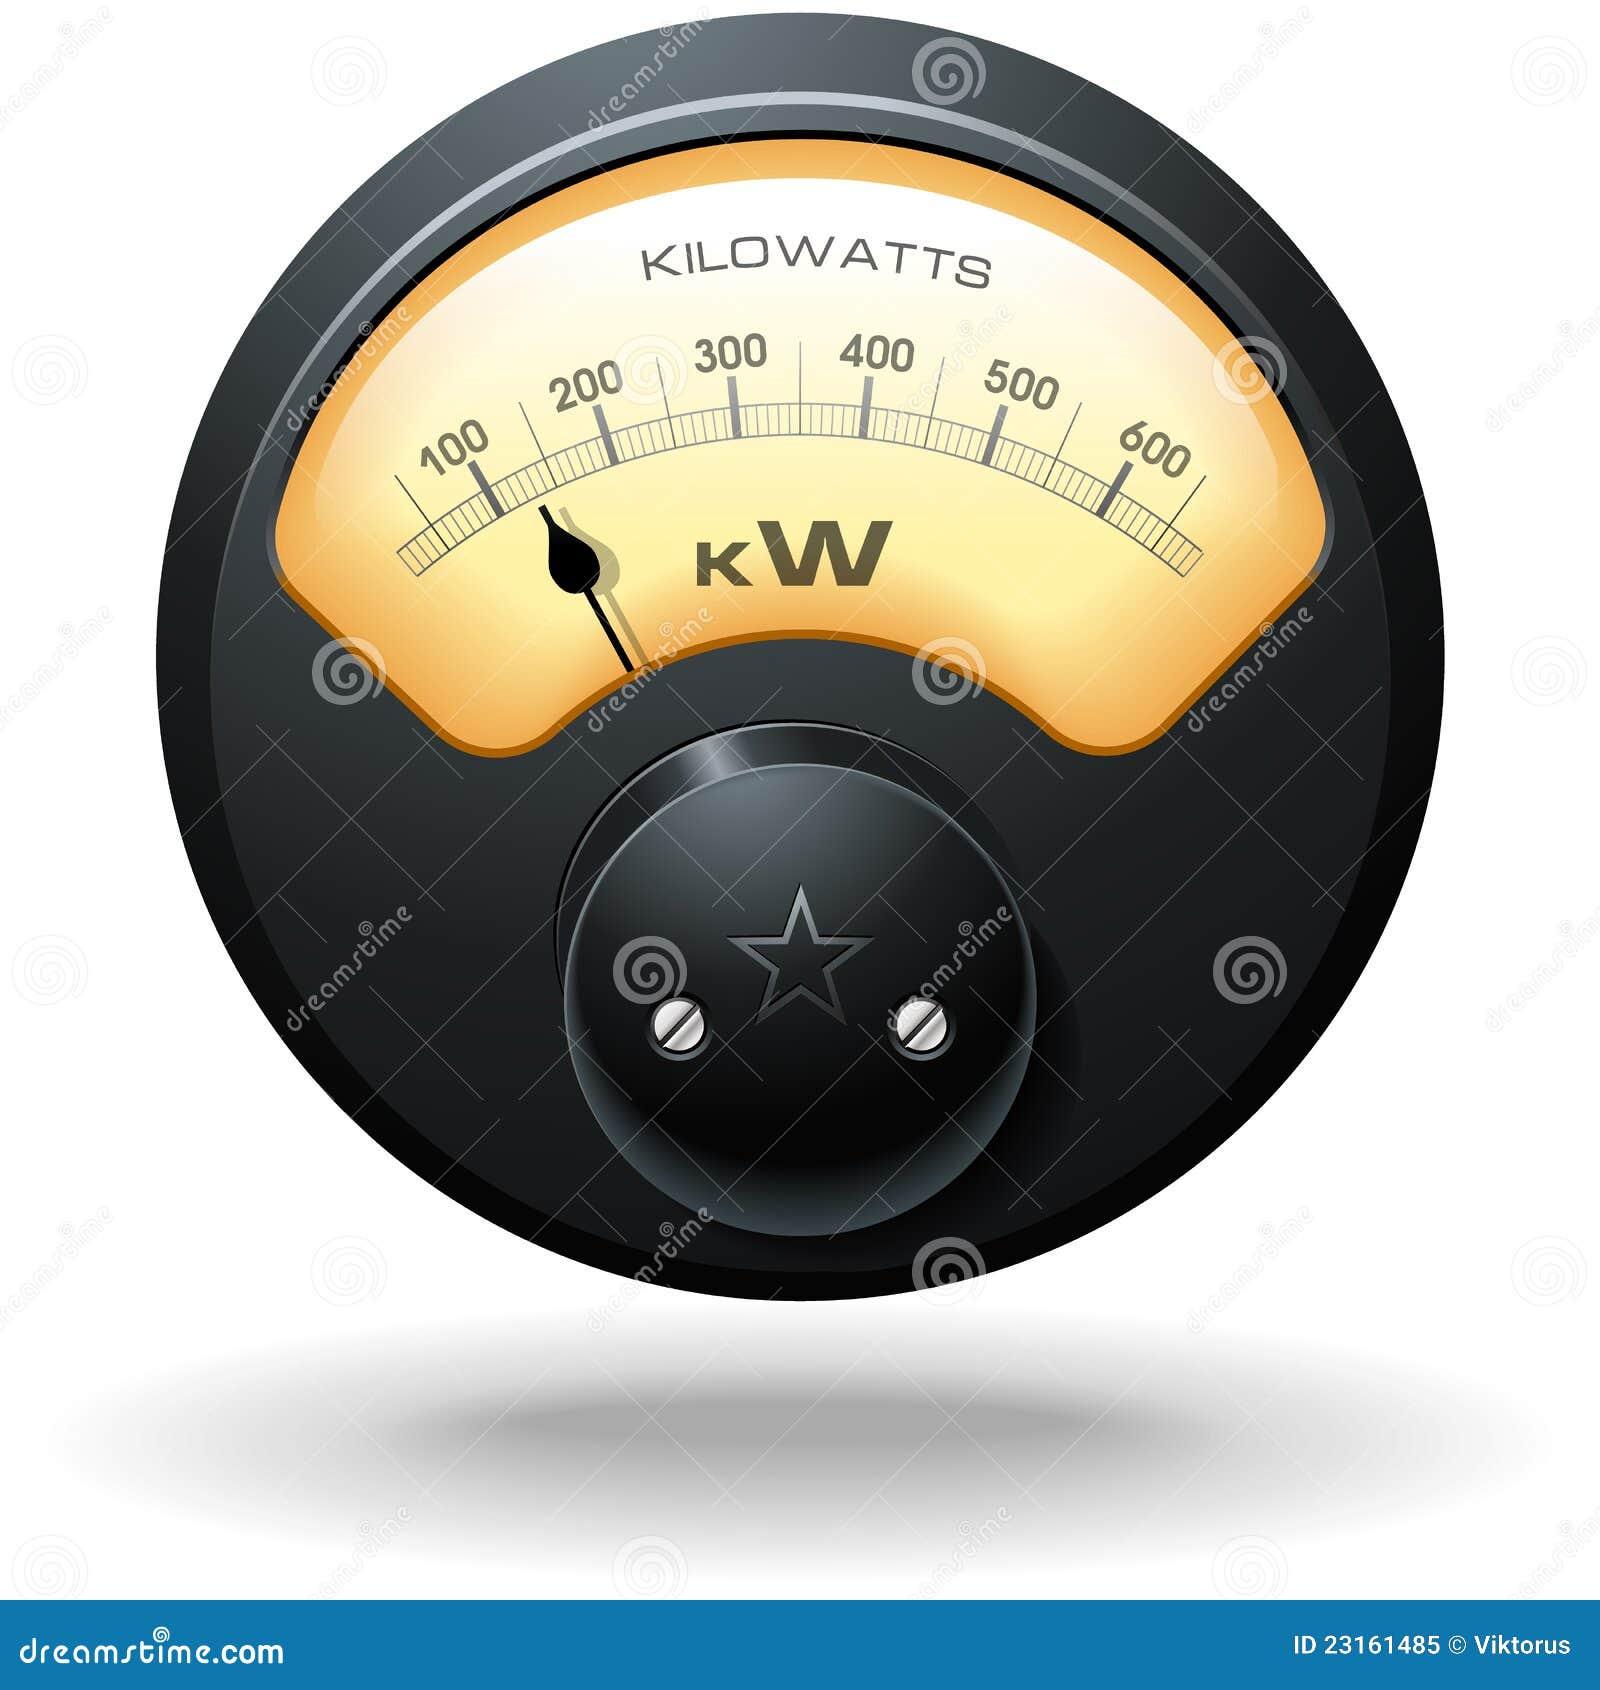 Analog Electric Meter : Analog electrical meter royalty free stock photo image